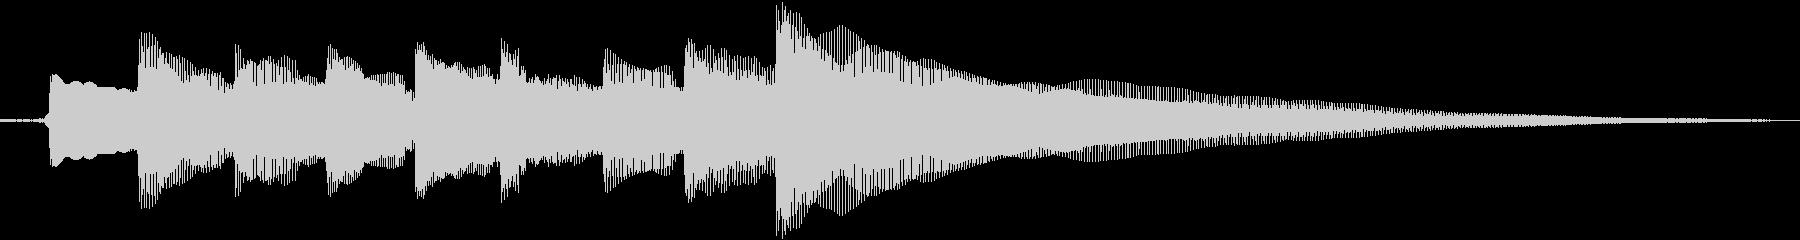 ギタージングル 宿屋2の未再生の波形